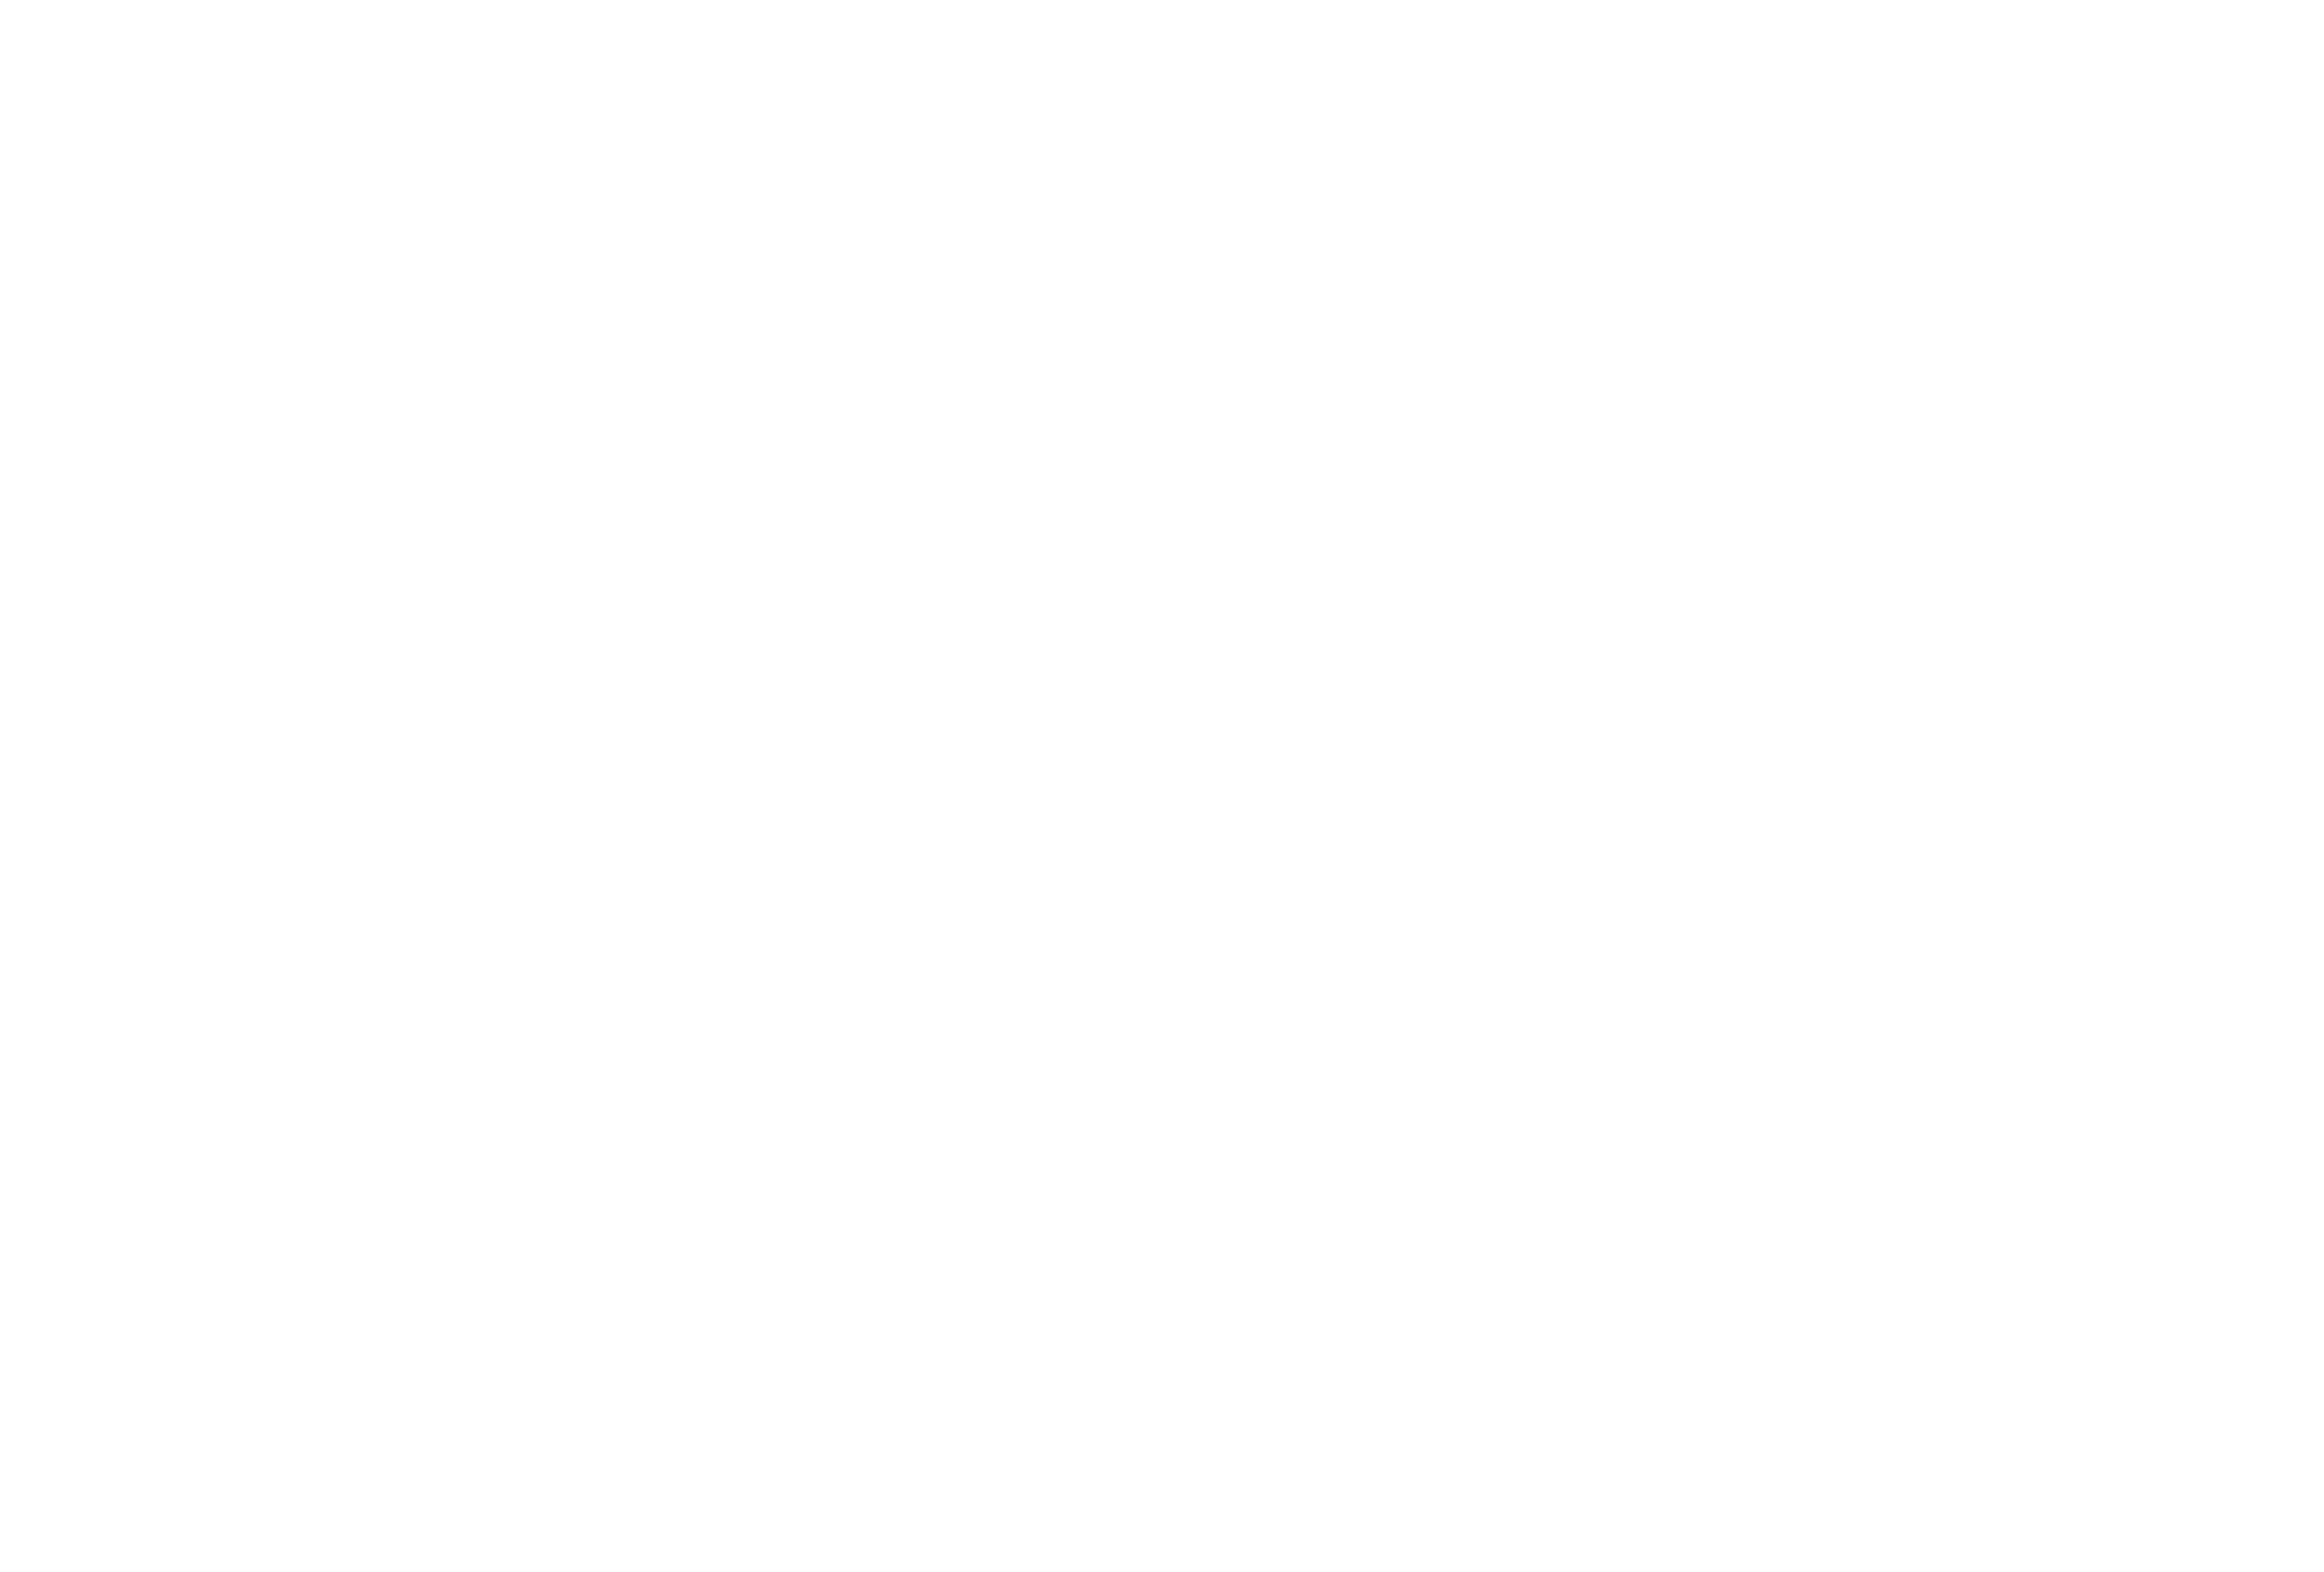 blake-logo-july-06